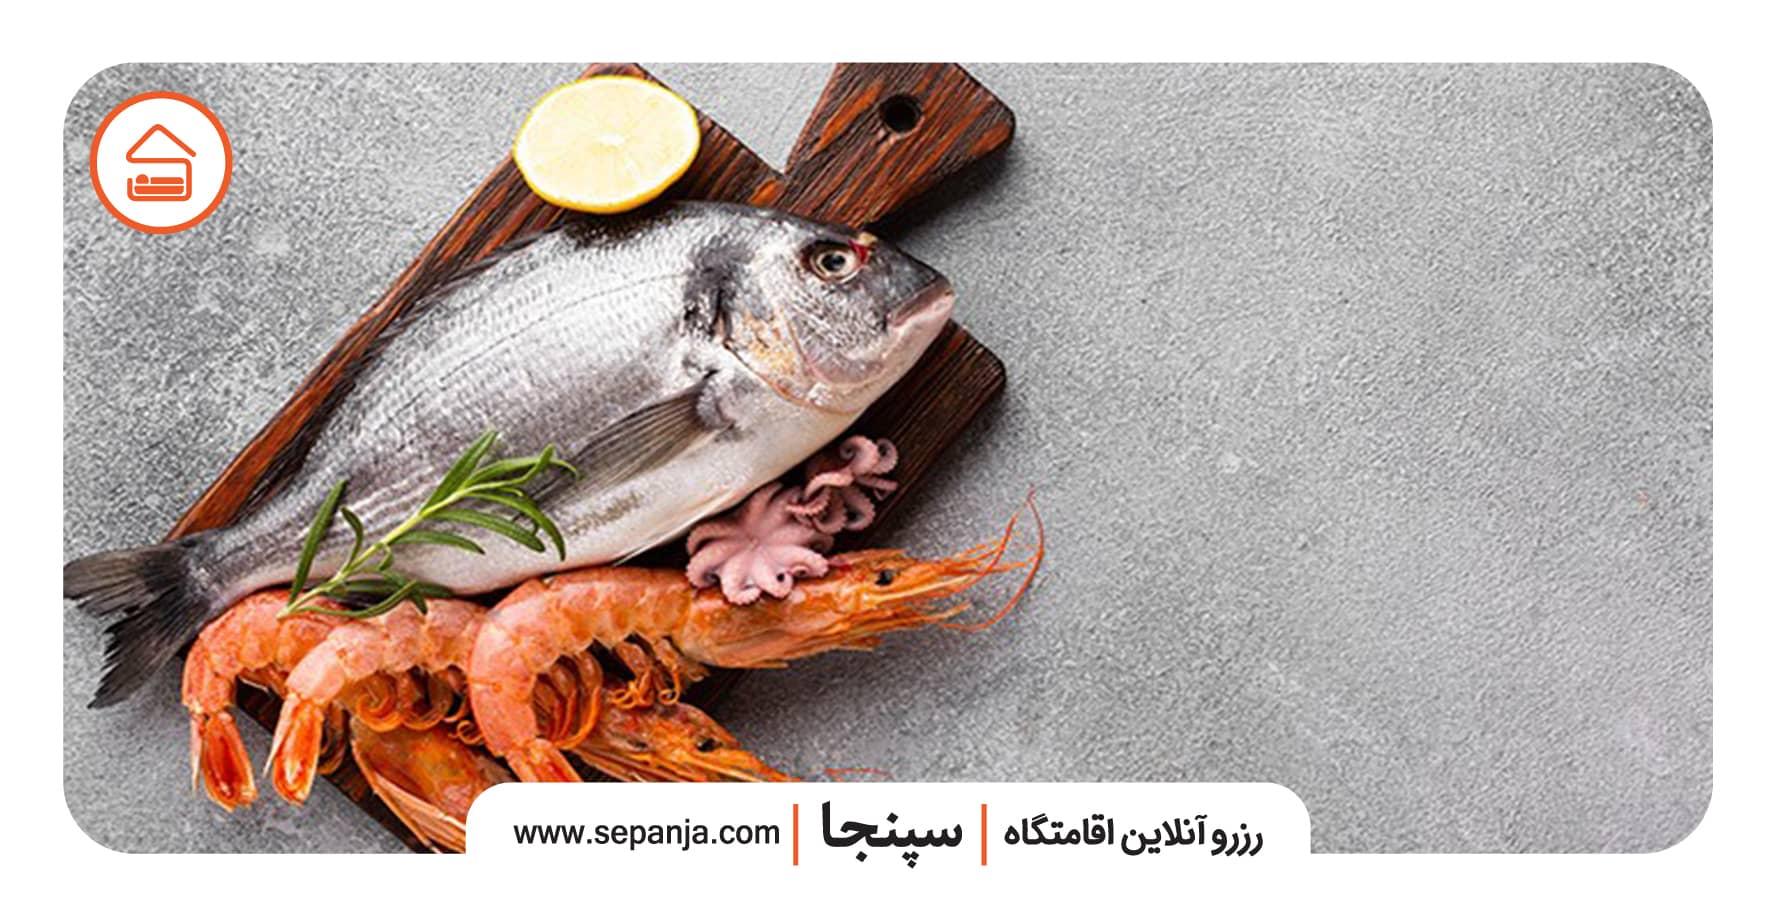 تجربه ماهی و میگو در سفر به بوشهر